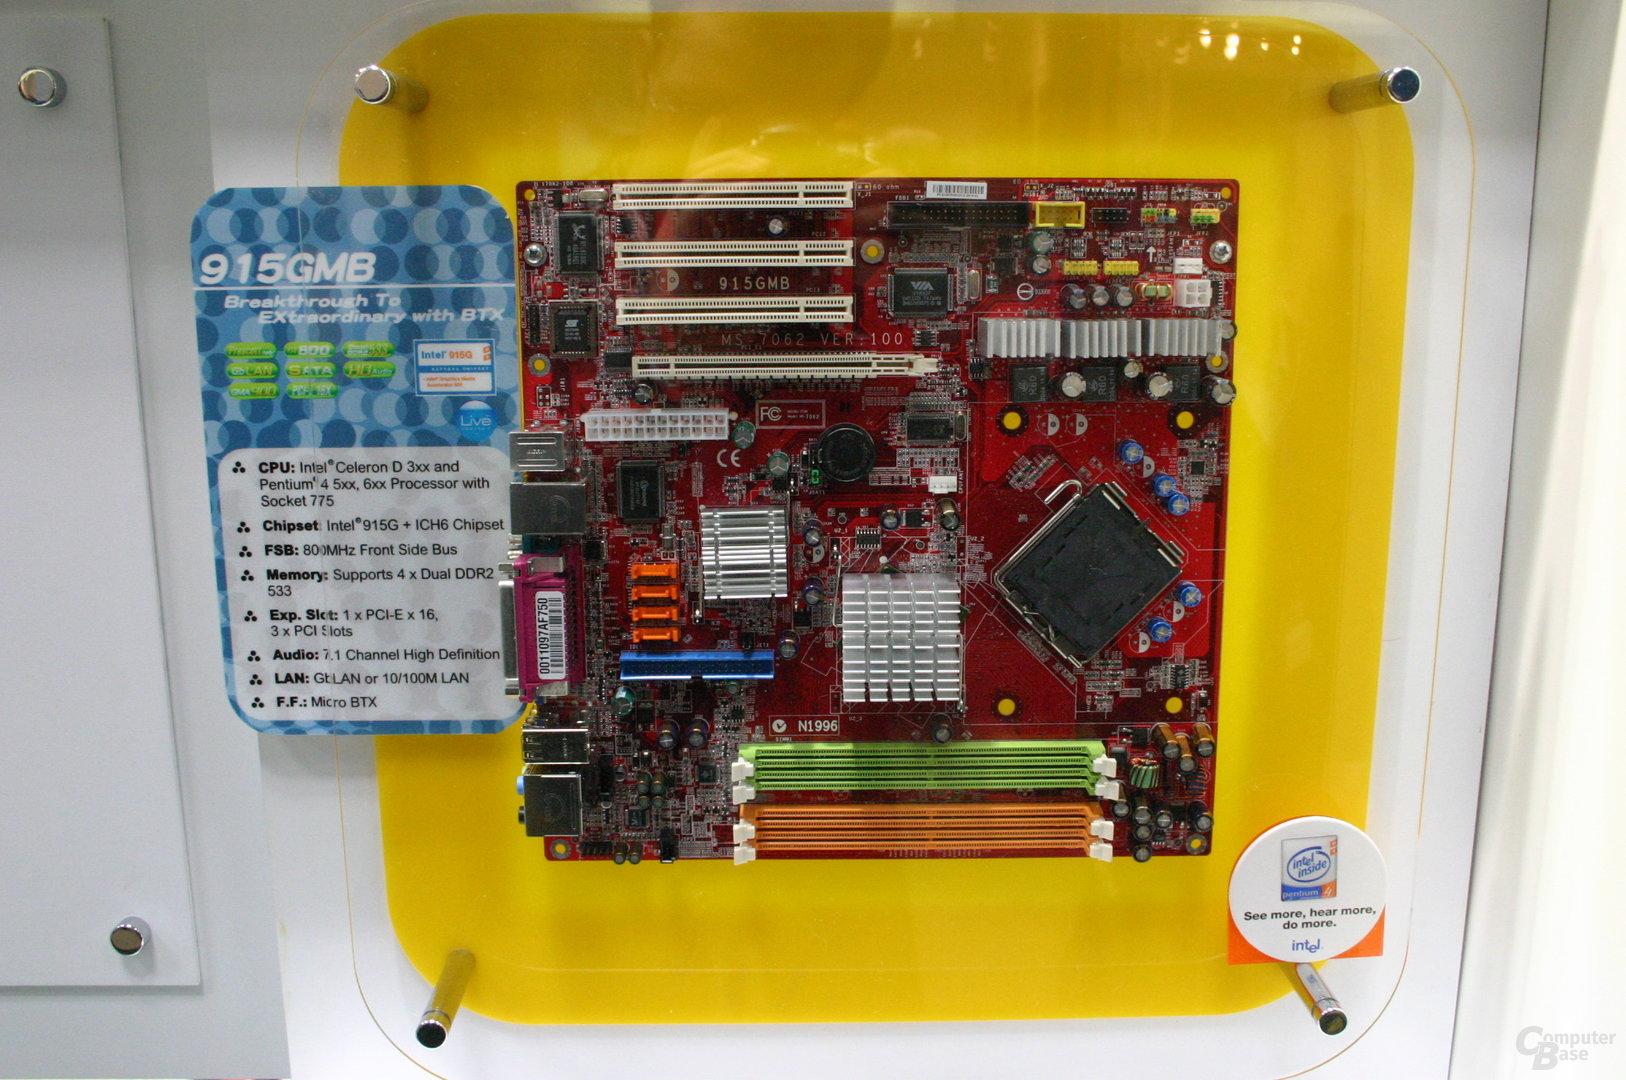 MSI 915GMB für Pentium-Prozessoren mit klassischem BTX-Layout